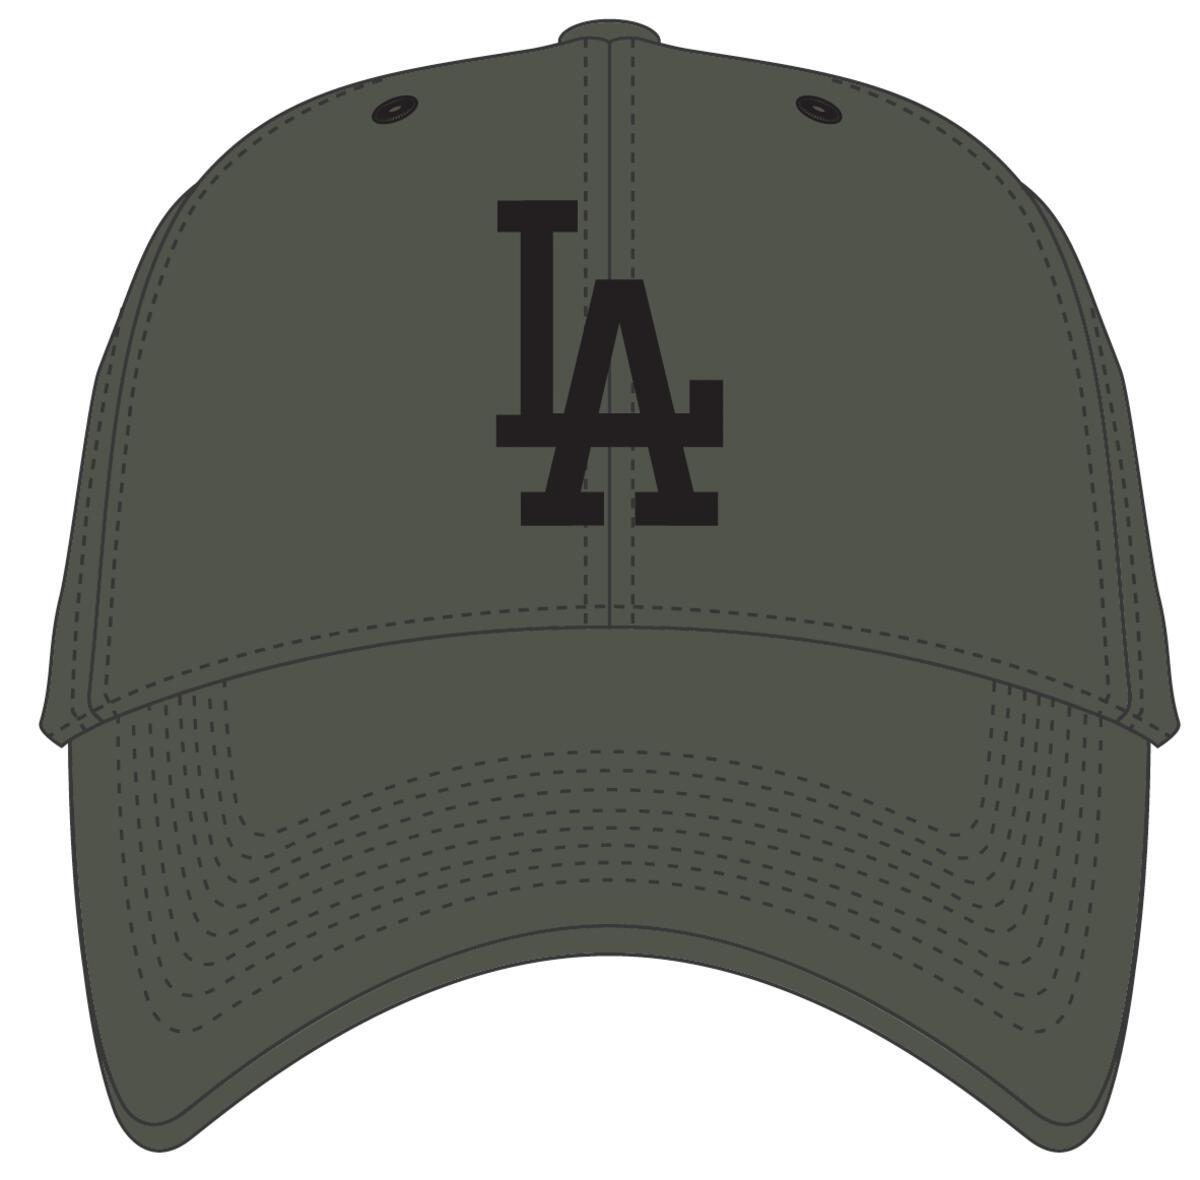 47 BRAND CZAPKA LOS ANGELES DODGERS KHAKI (B-AERIL12GWS-MS)